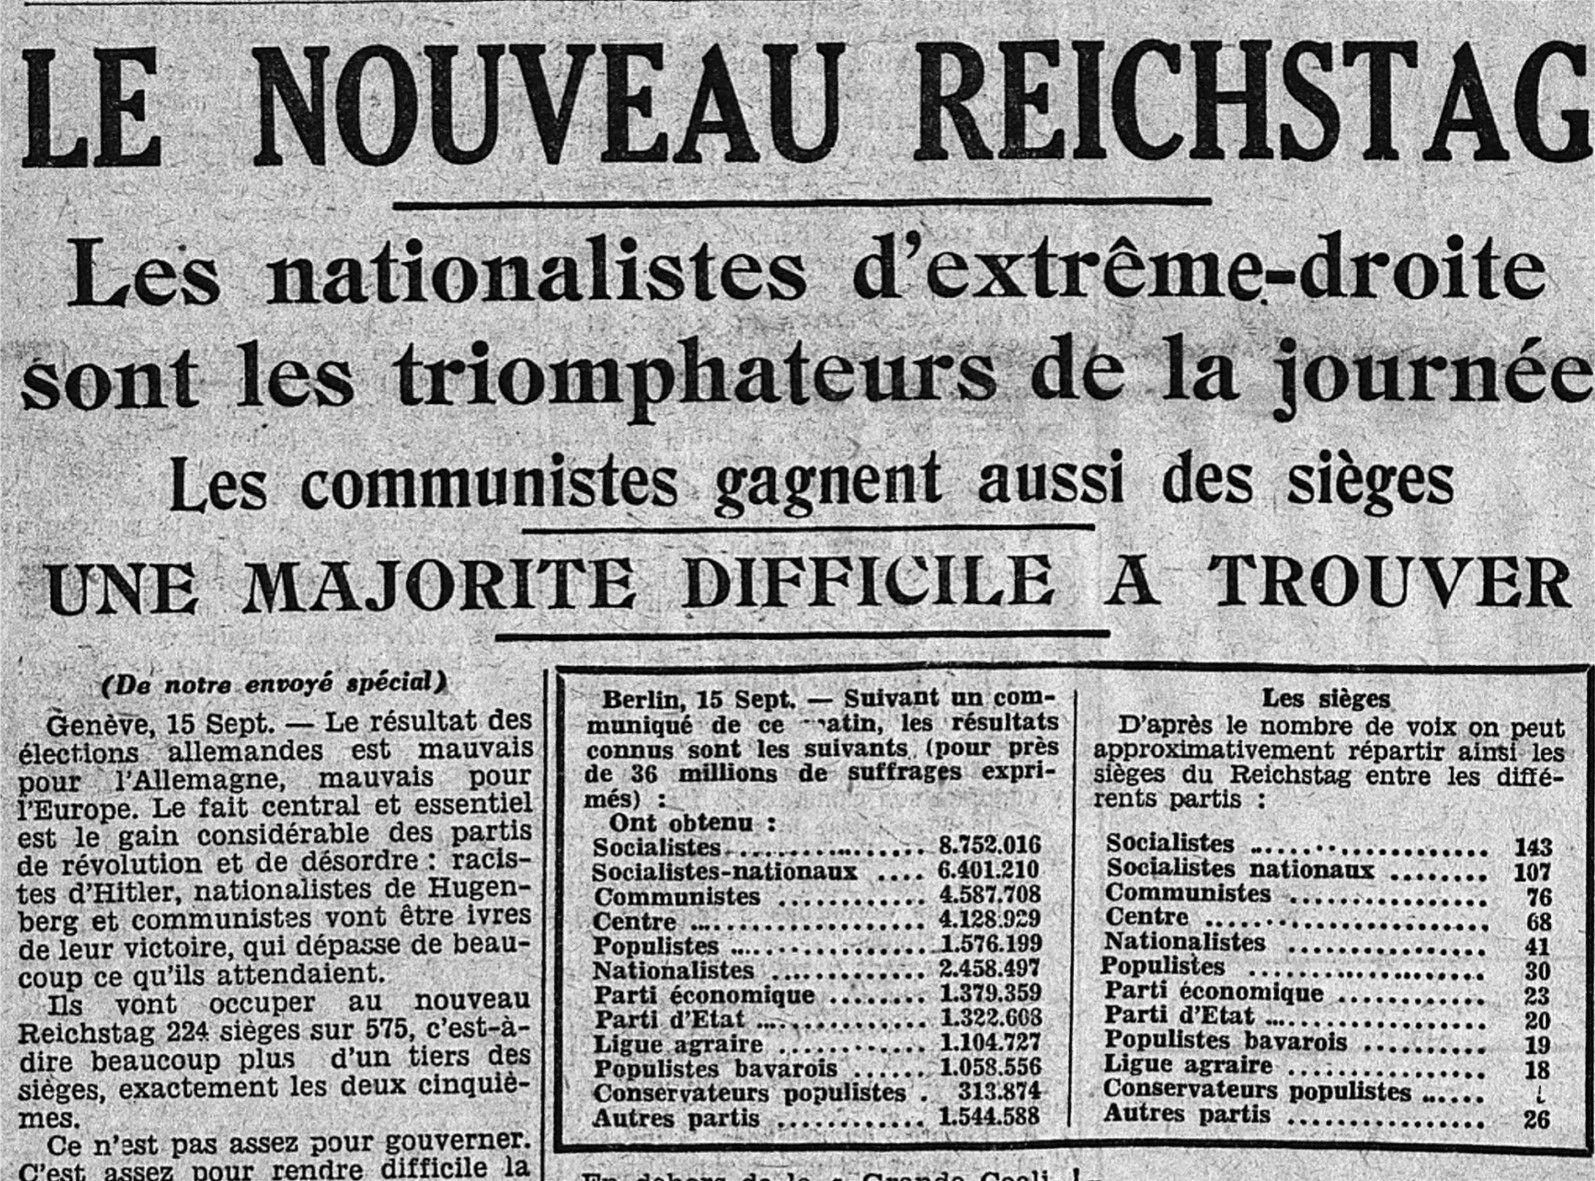 Mémoires : Le BHV à travers l'Histoire n°45   en 1930